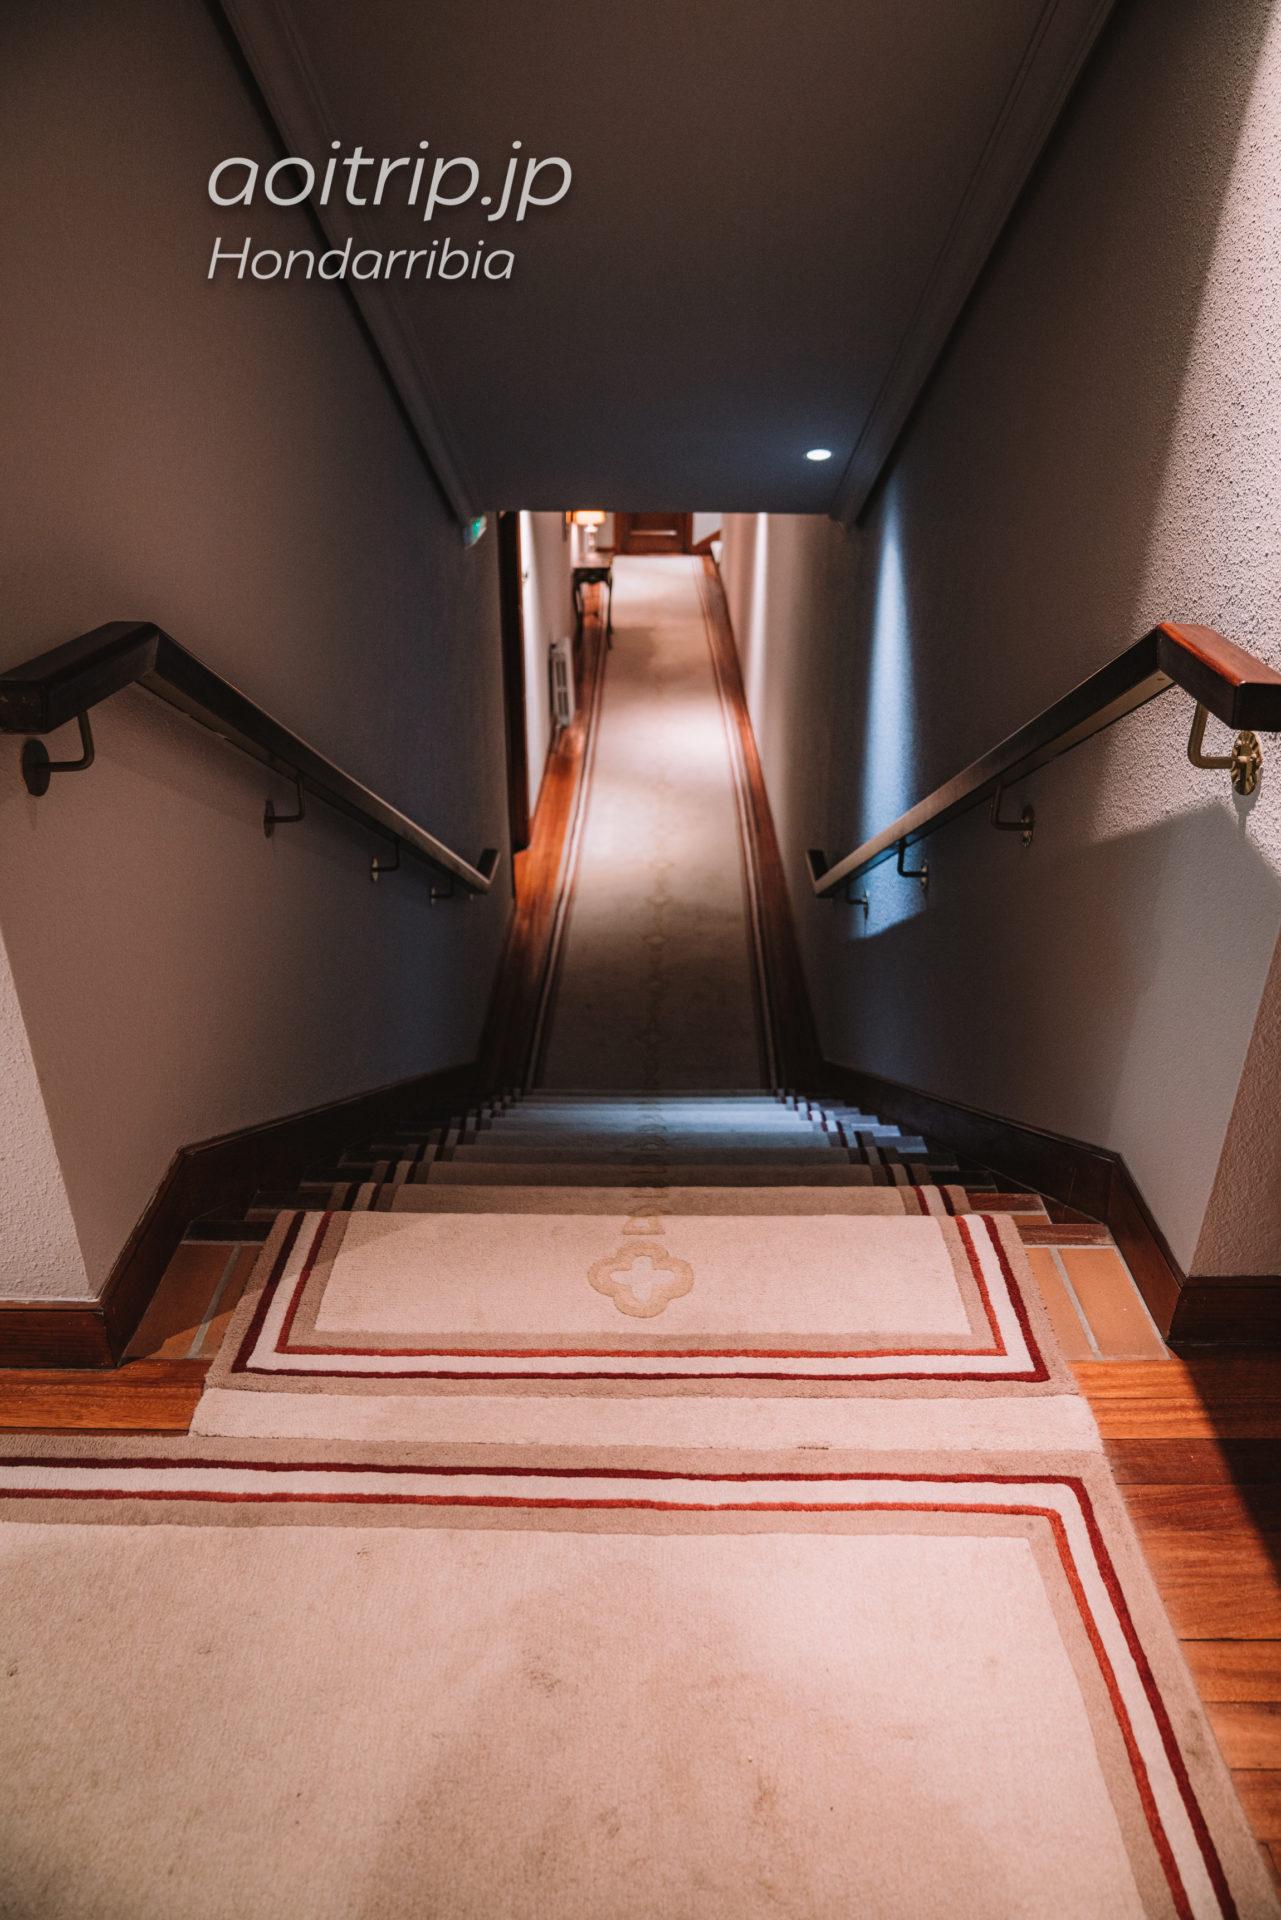 パラドール デ オンダリビアの内廊下